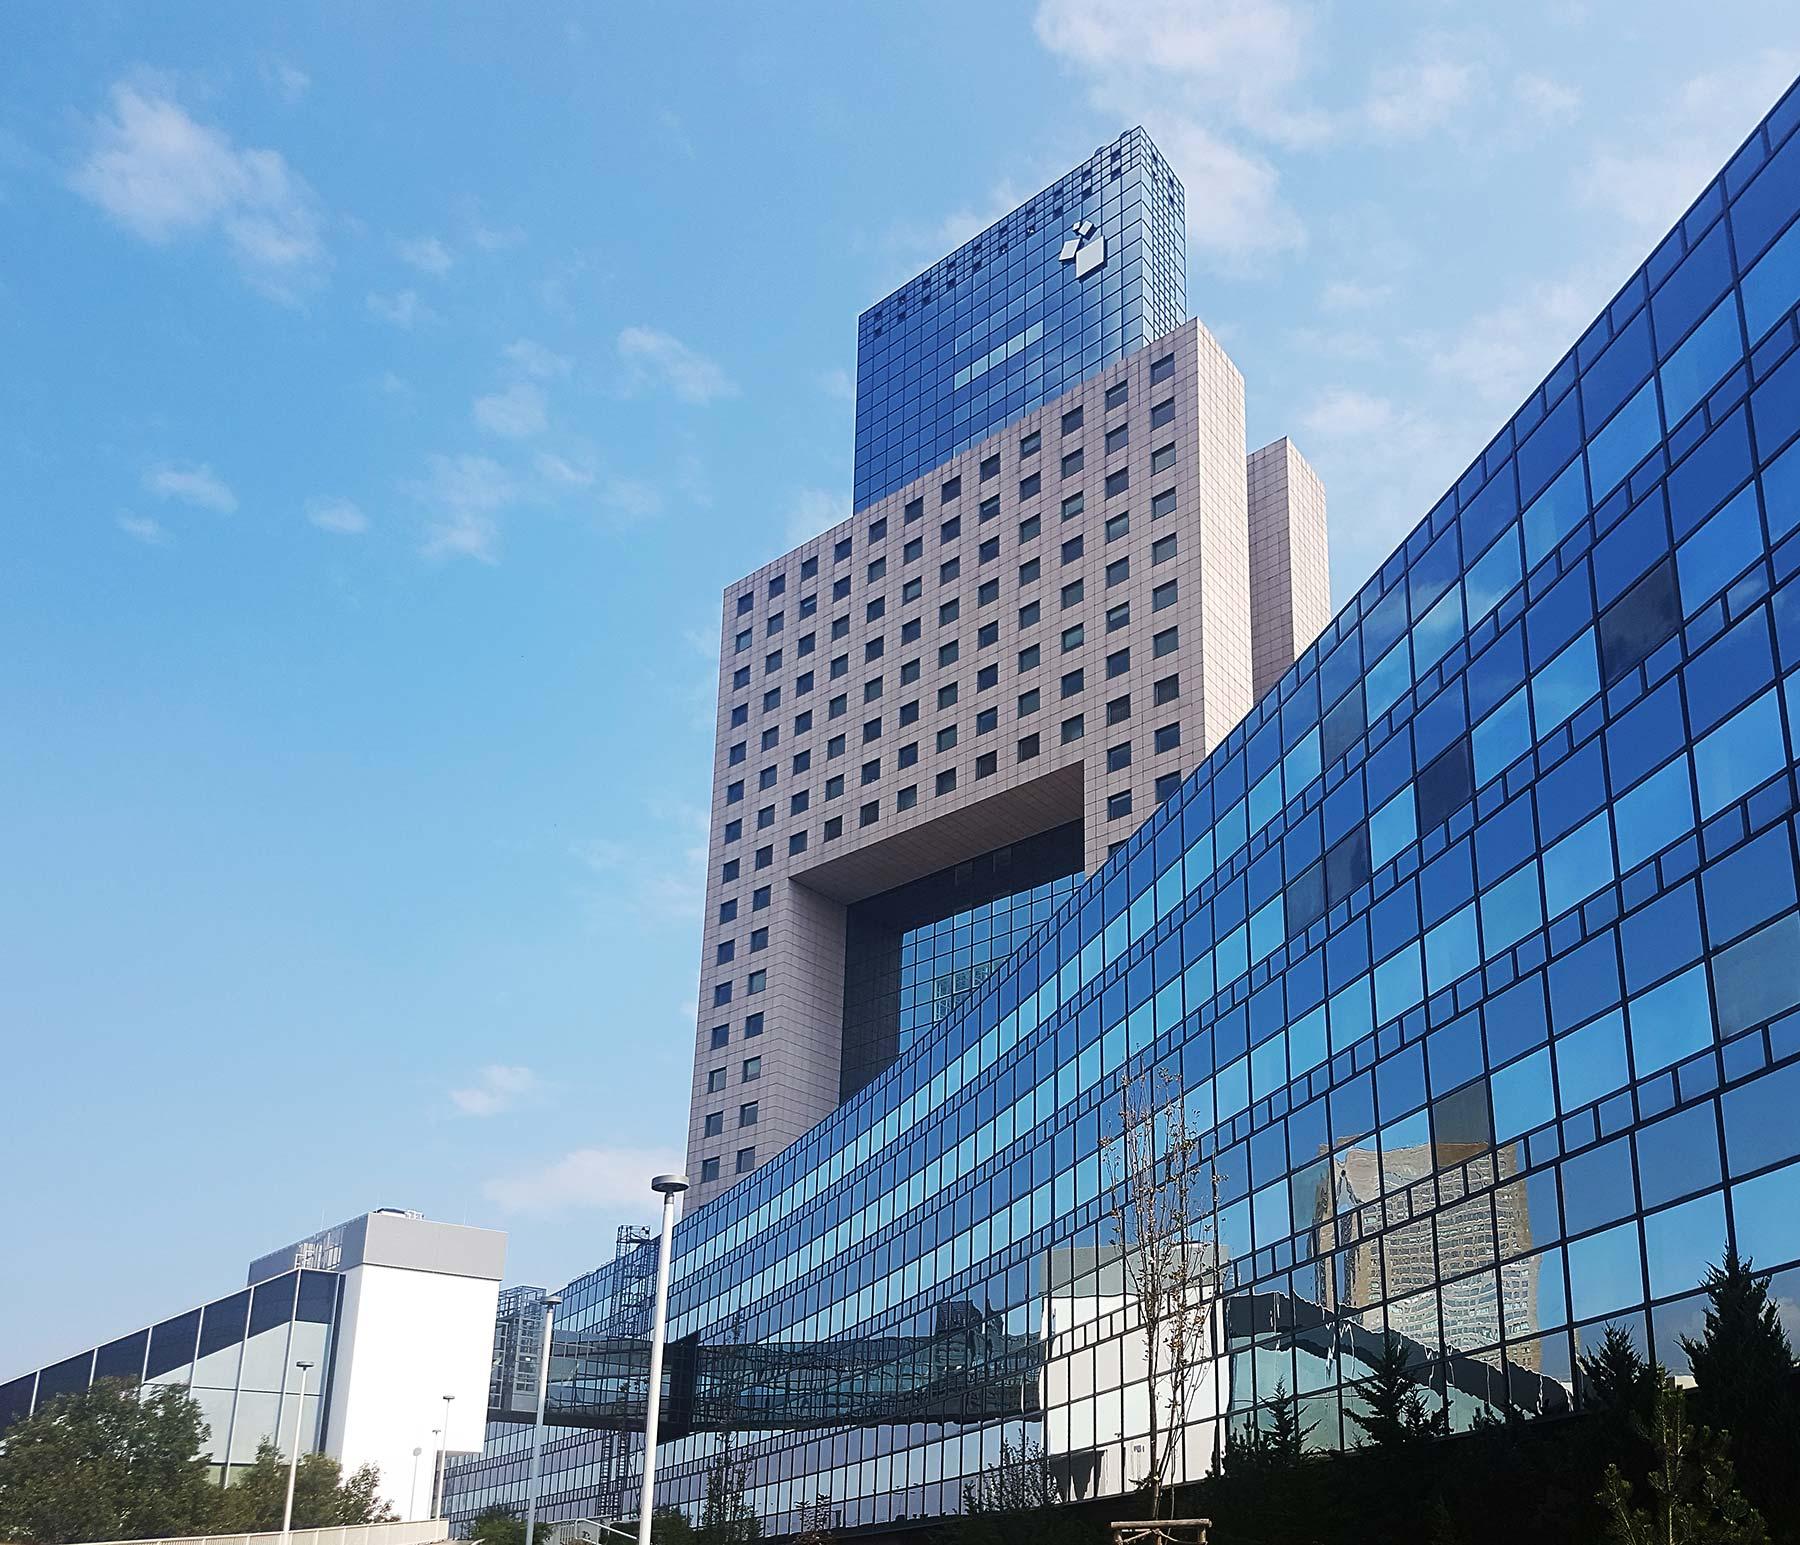 Messe Torhaus by Oswald Mathias Ungers in Frankfurt - modern trade fair tower